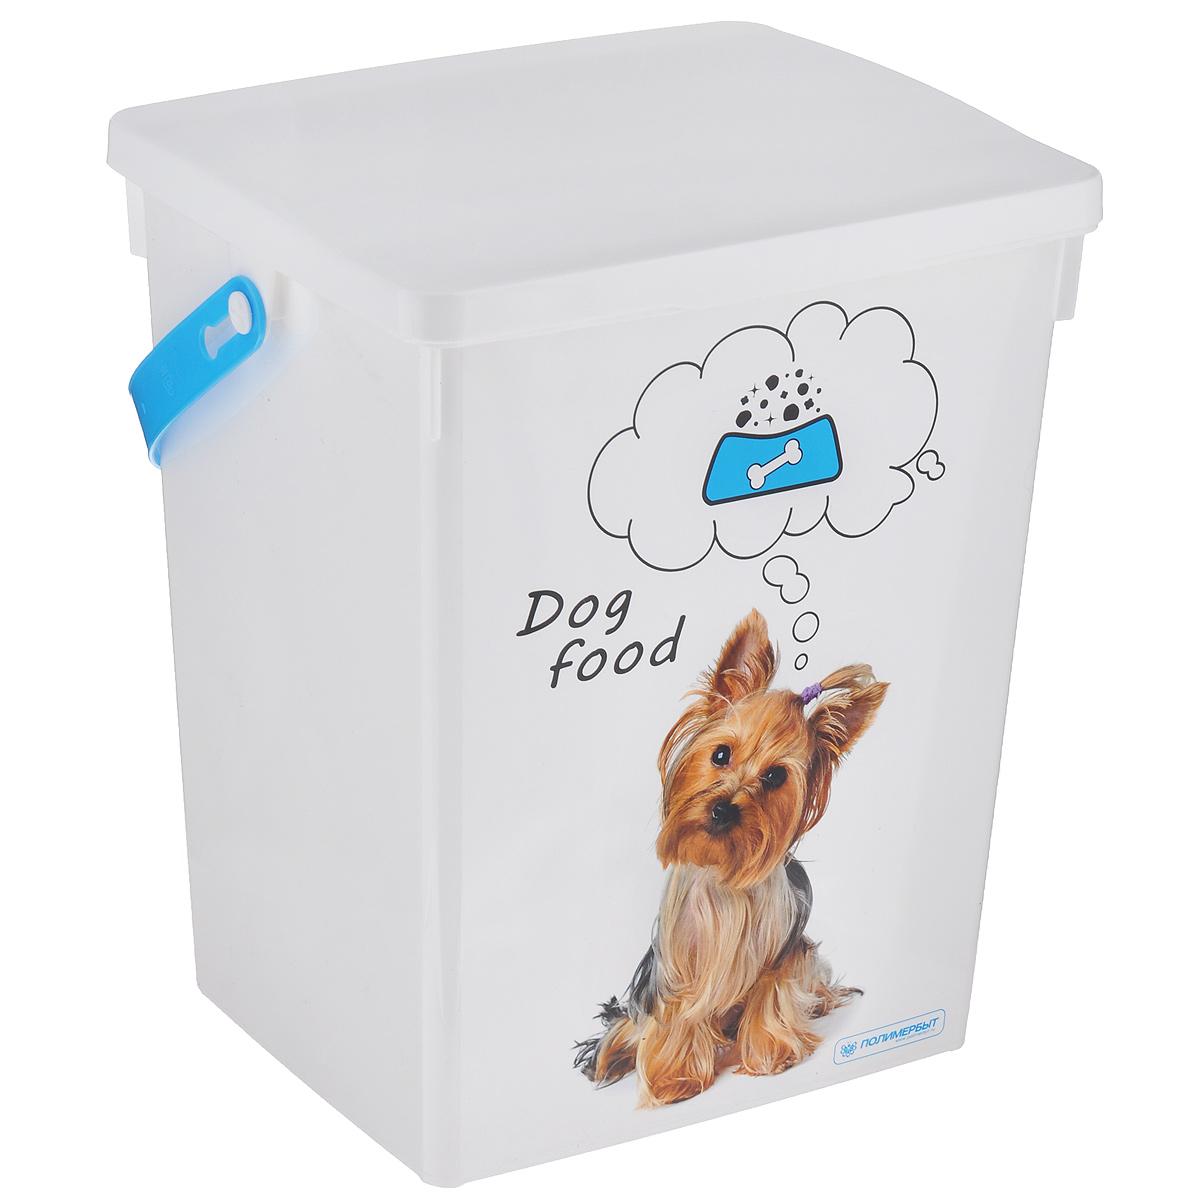 Контейнер для хранения корма Полимербыт Dog Food, цвет: белый, голубой, 5 лС49302 белый, голубойКонтейнер Полимербыт, изготовленный из высококачественного пластика, предназначен для хранения корма для животных. Контейнер оснащен ручкой, благодаря которой можно без проблем переносить его с места на место.В таком контейнере корм останется всегда свежим.